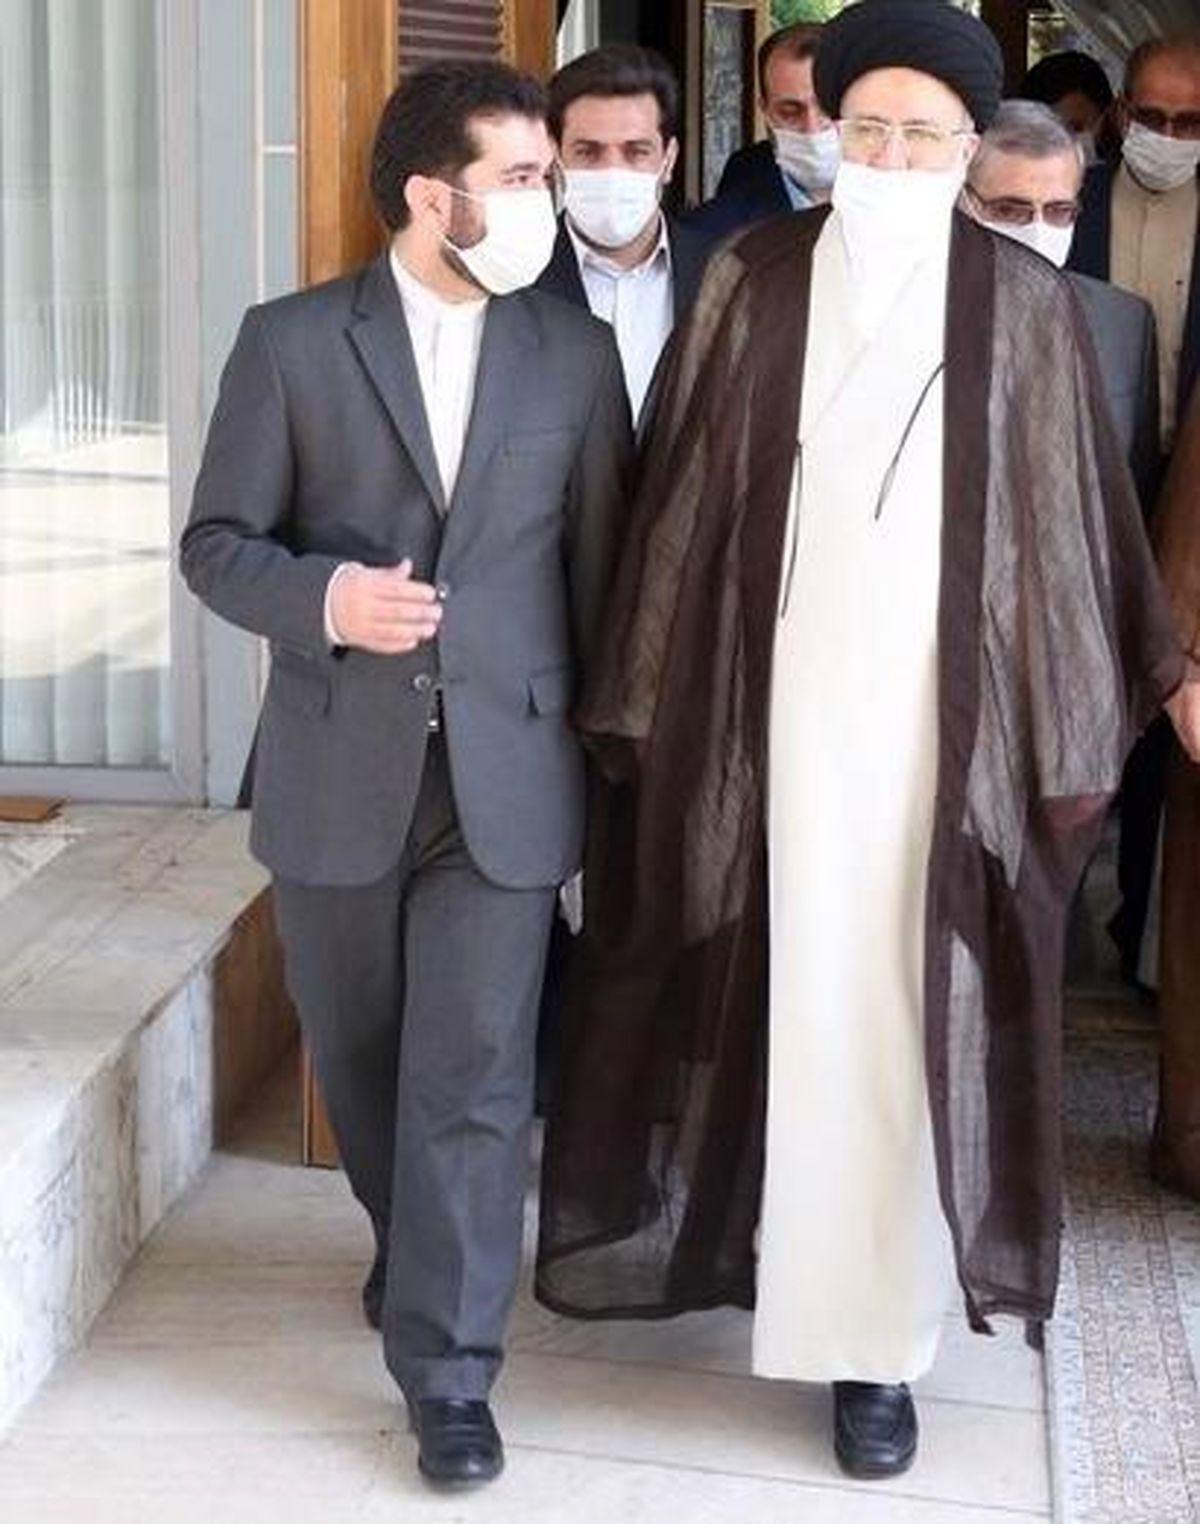 پیام تبریک رئیس شورای عالی استان به آیت الله رئیسی